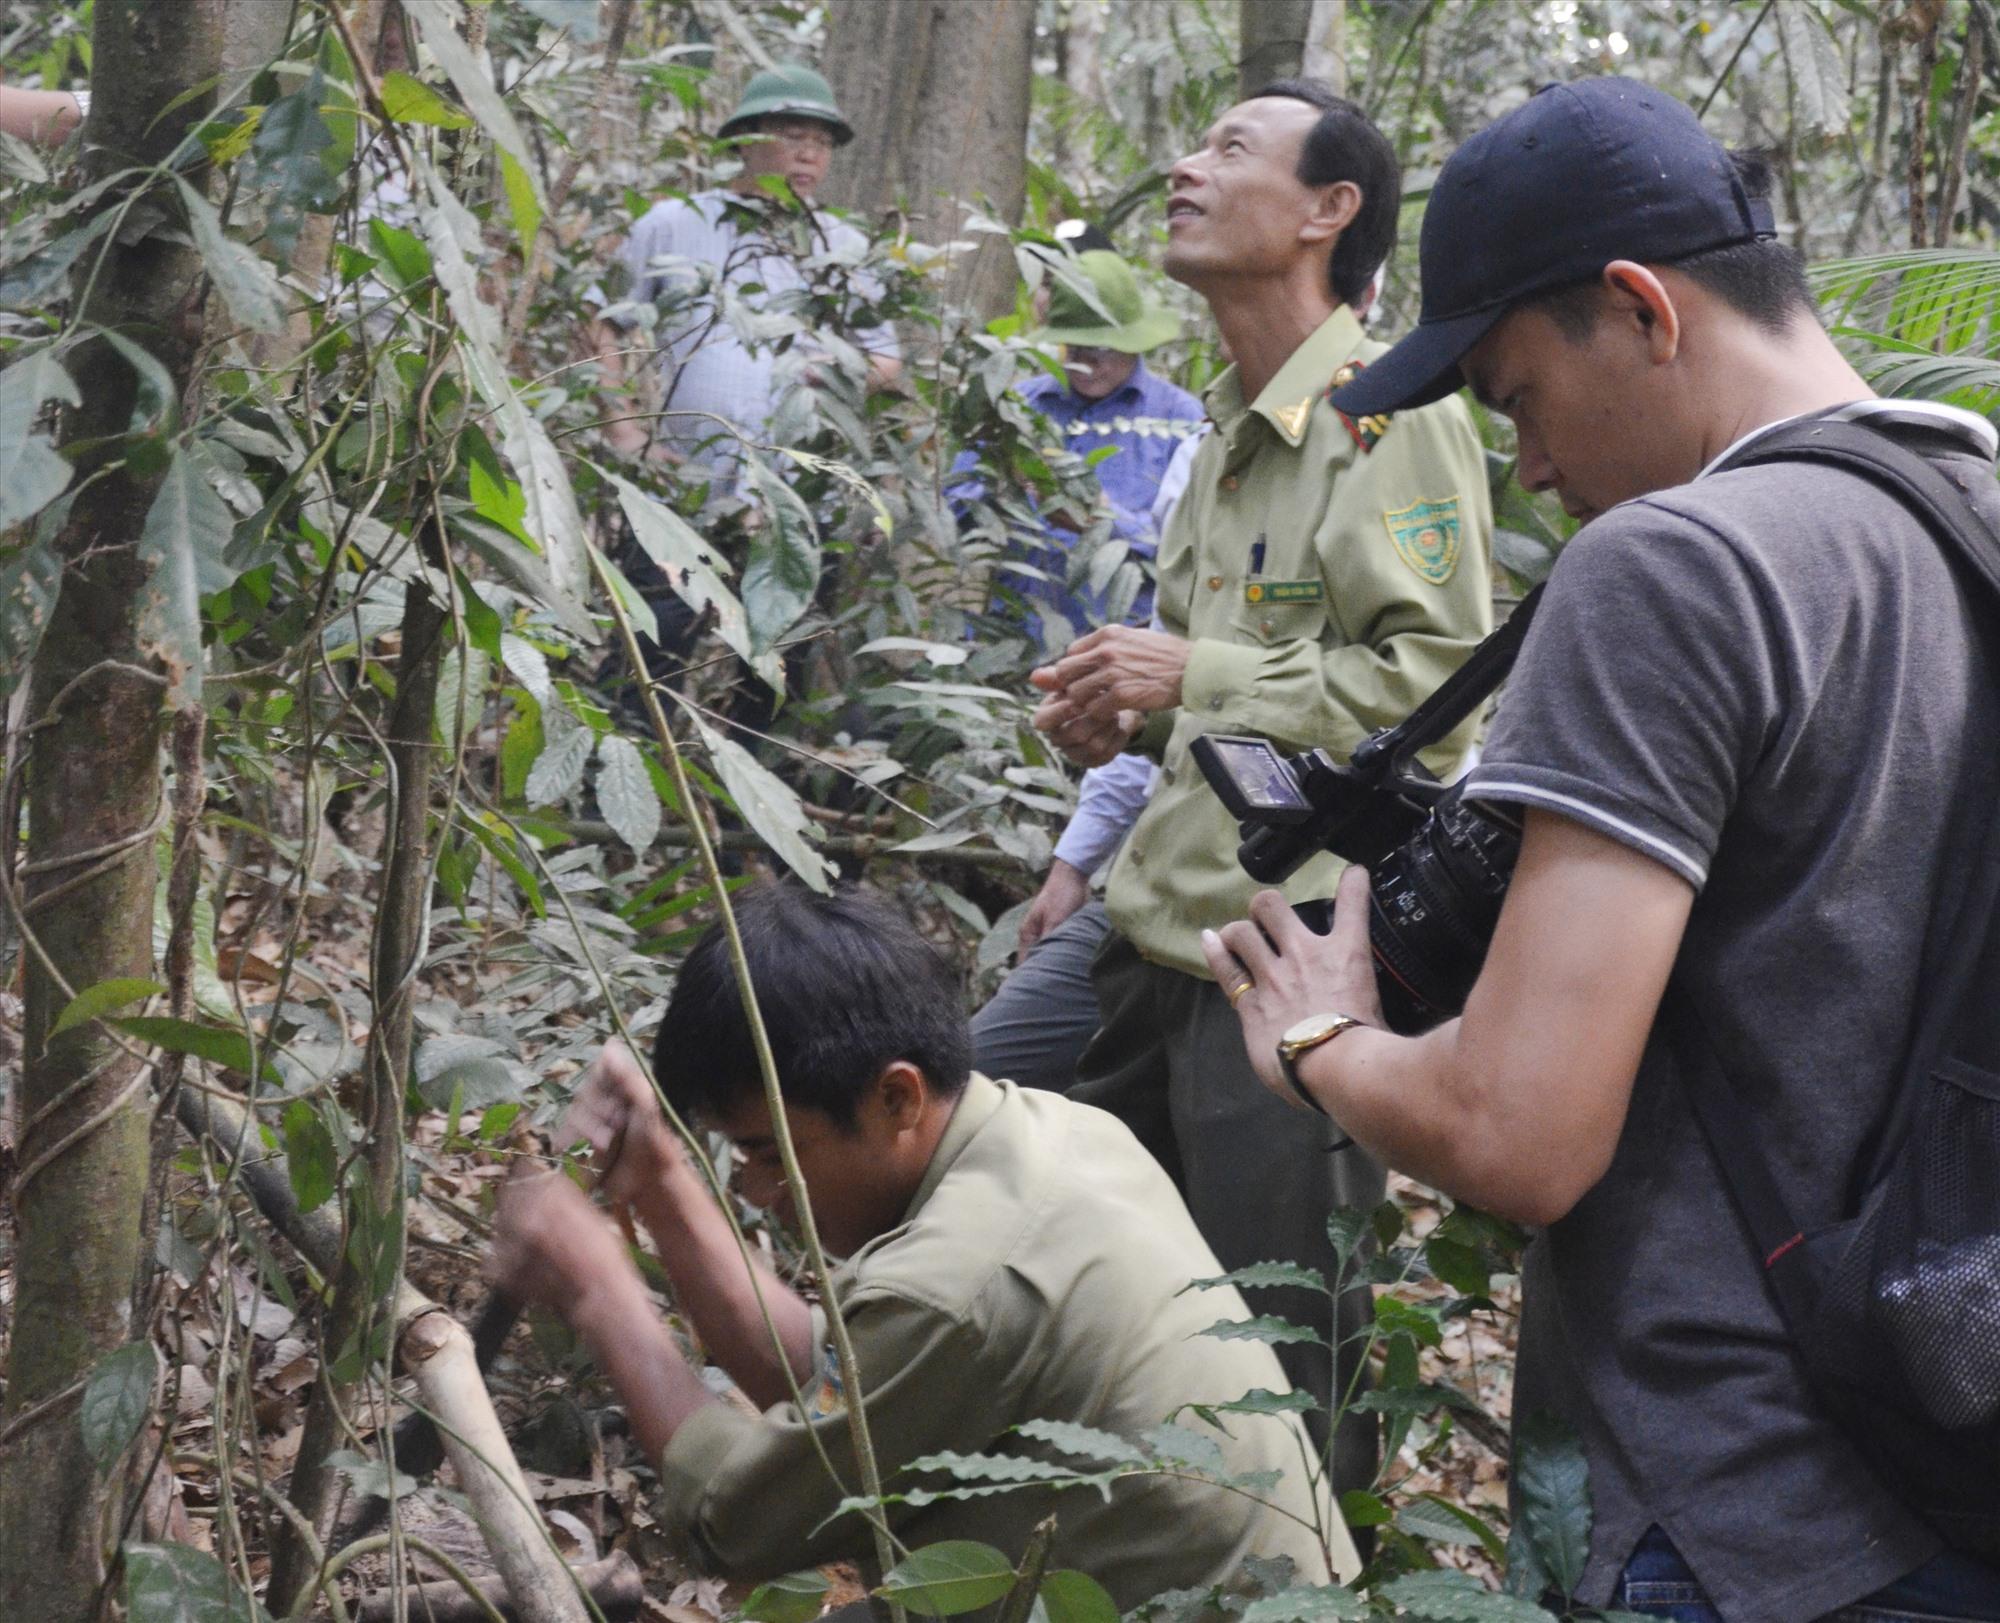 Quần thể sâm ba kích tím được bảo vệ nghiêm ngặt tại rừng phòng hộ Đắc Mi thuộc xã Phước Chánh (Phước Sơn). Ảnh: H.P